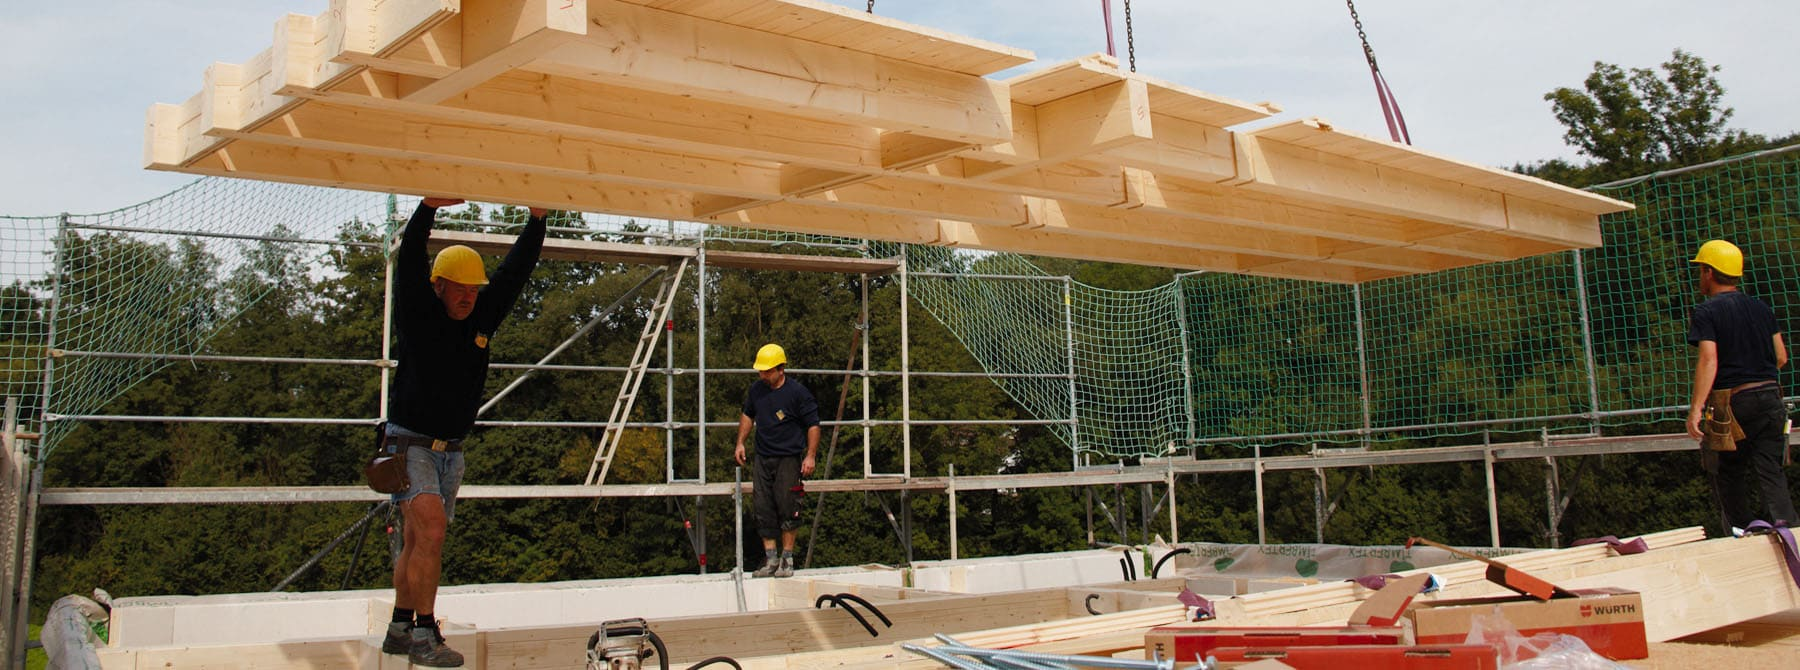 Passivhaus aufbau  Holztechniker bauen Ihr schlüsselfertiges Holzhaus - Sonnleitner ...